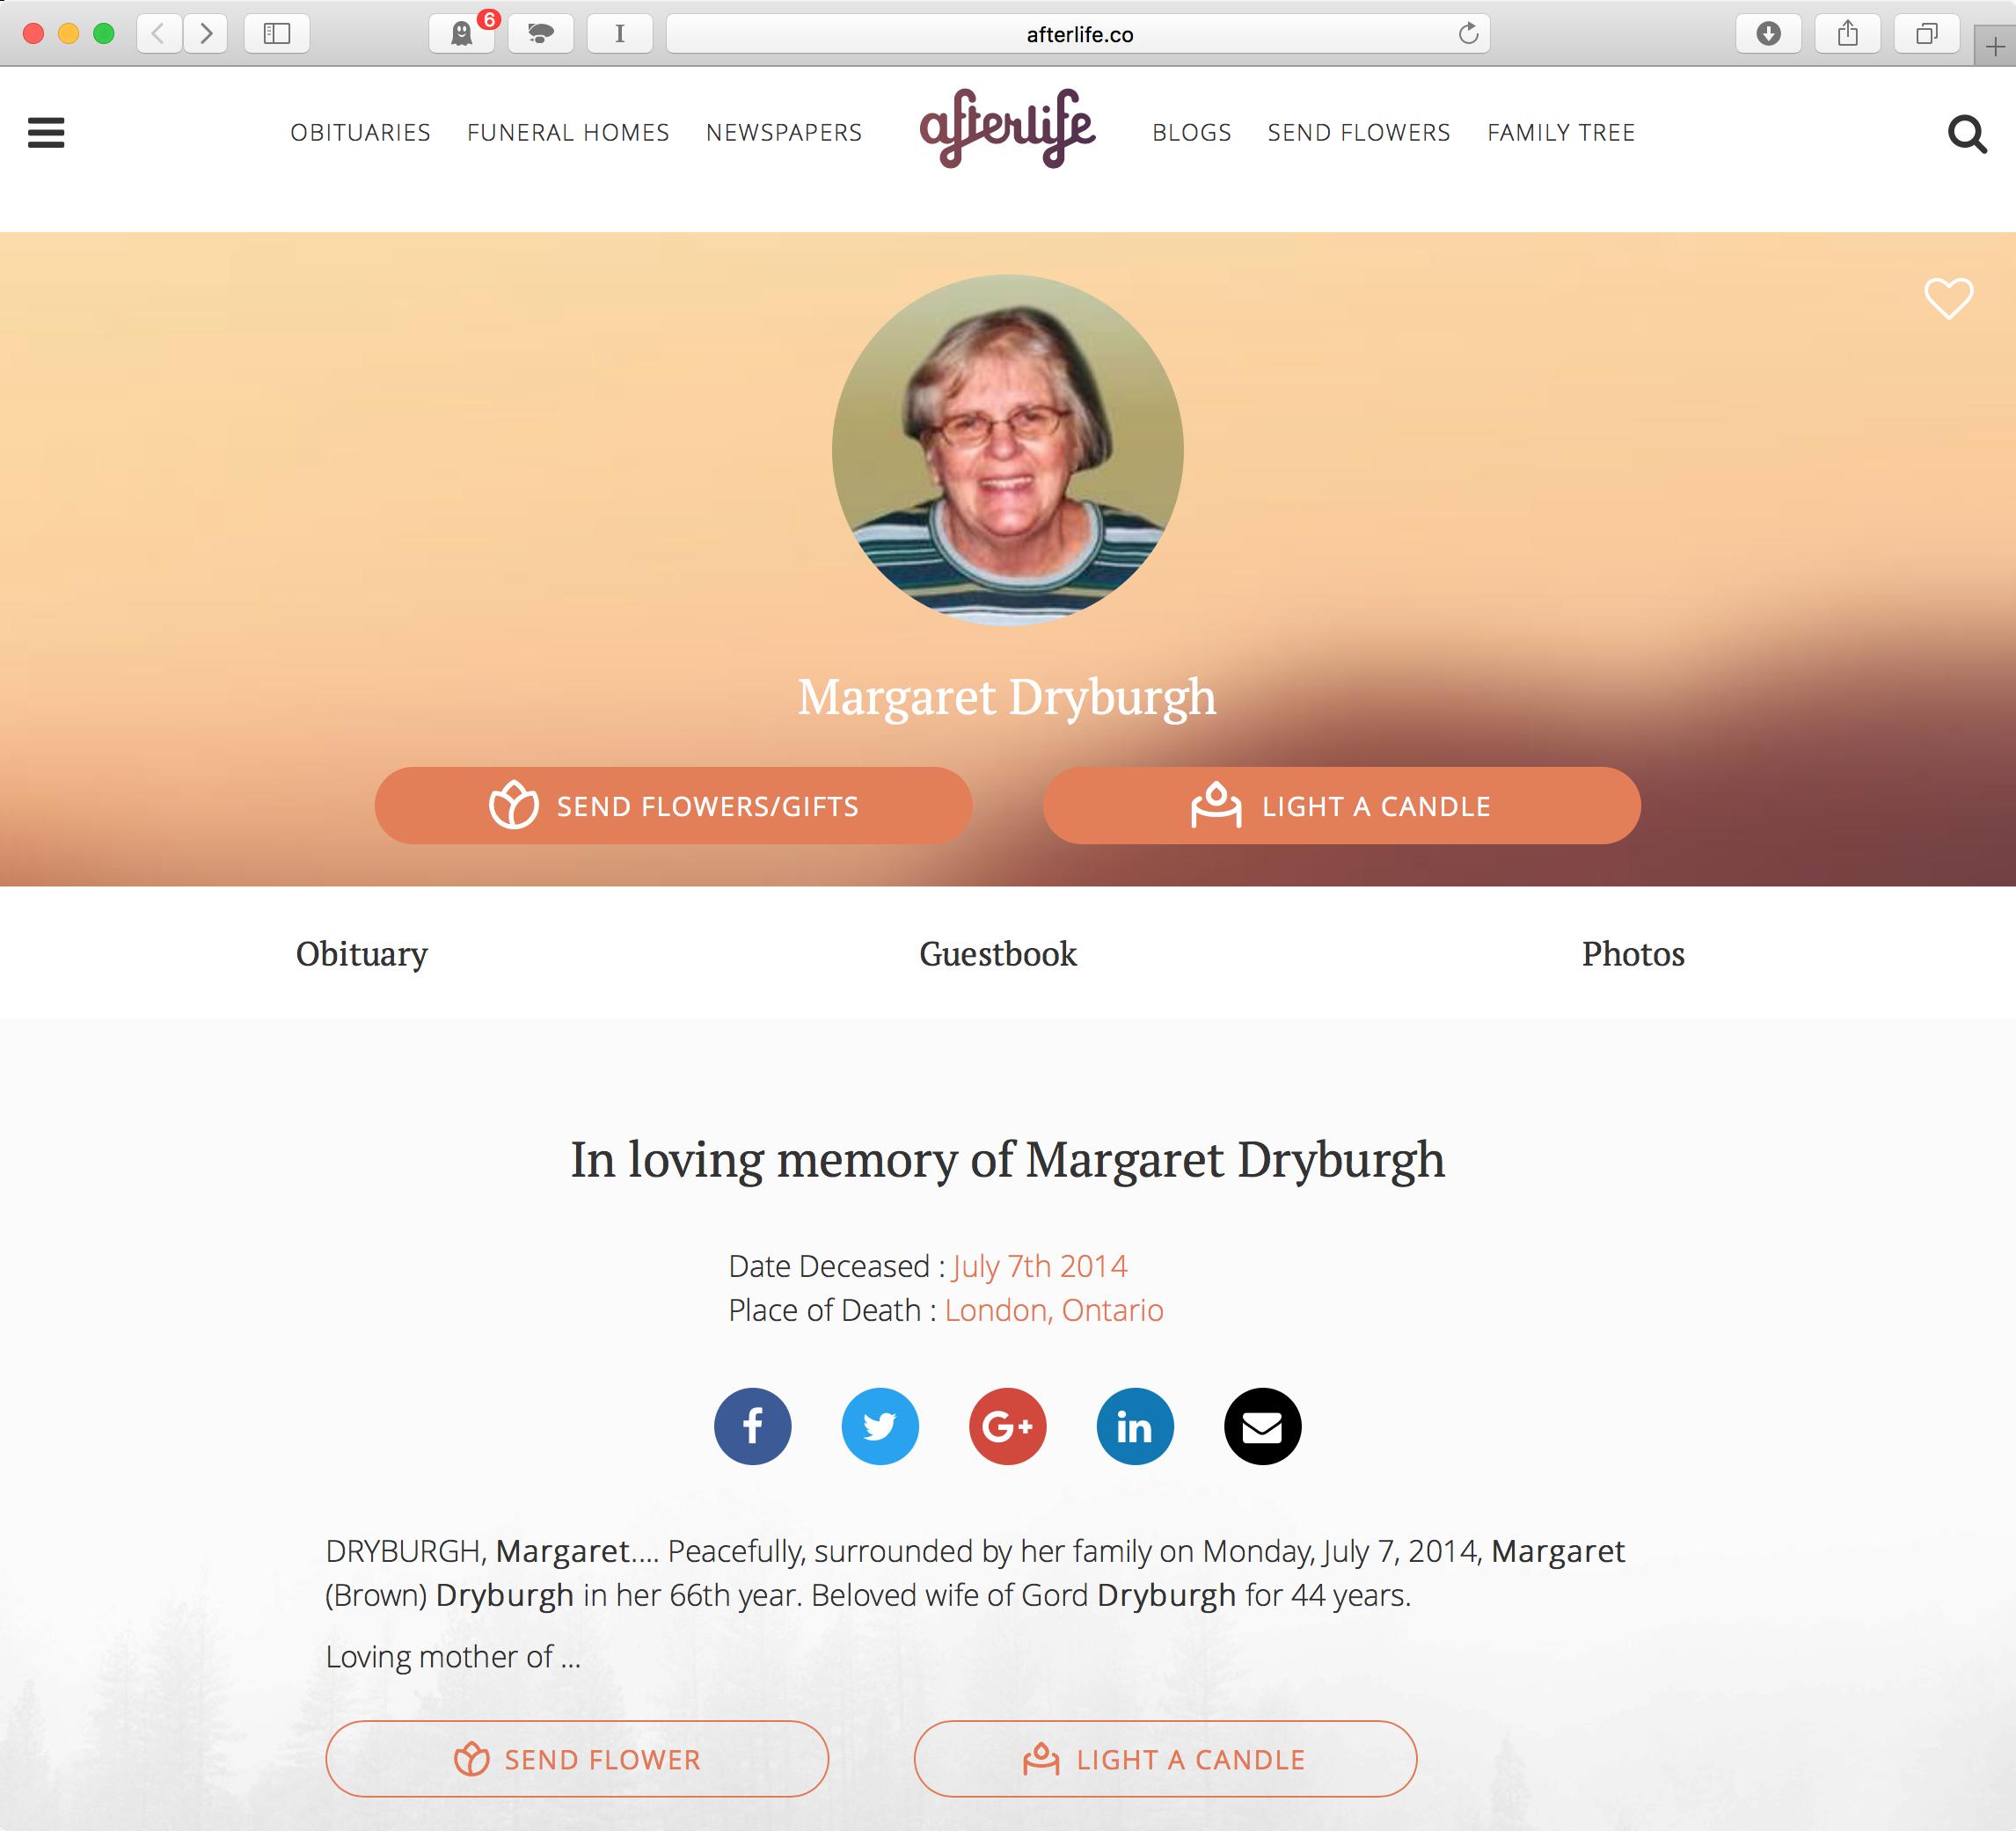 Screenshot of Margaret Dryburgh's on Afterlife.co